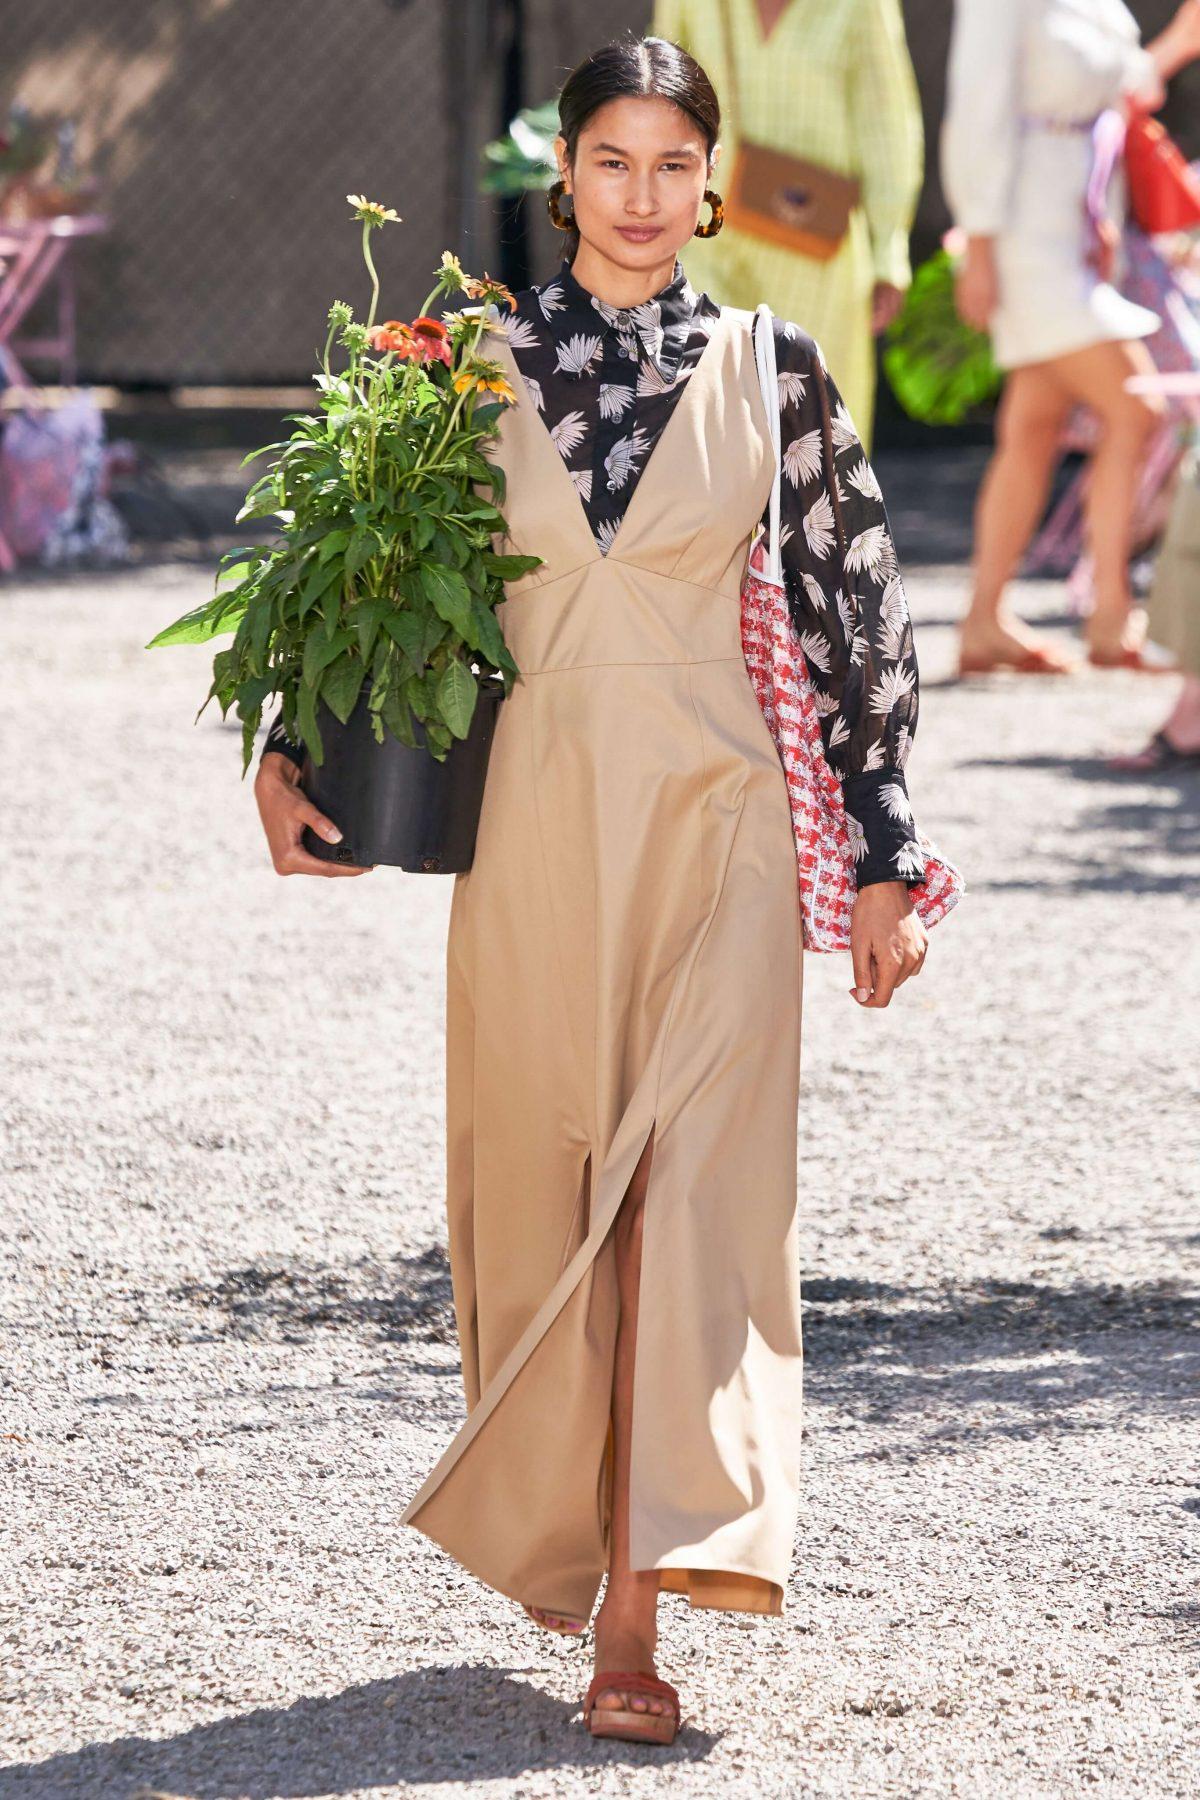 Kate Spade beige v-neck dress.